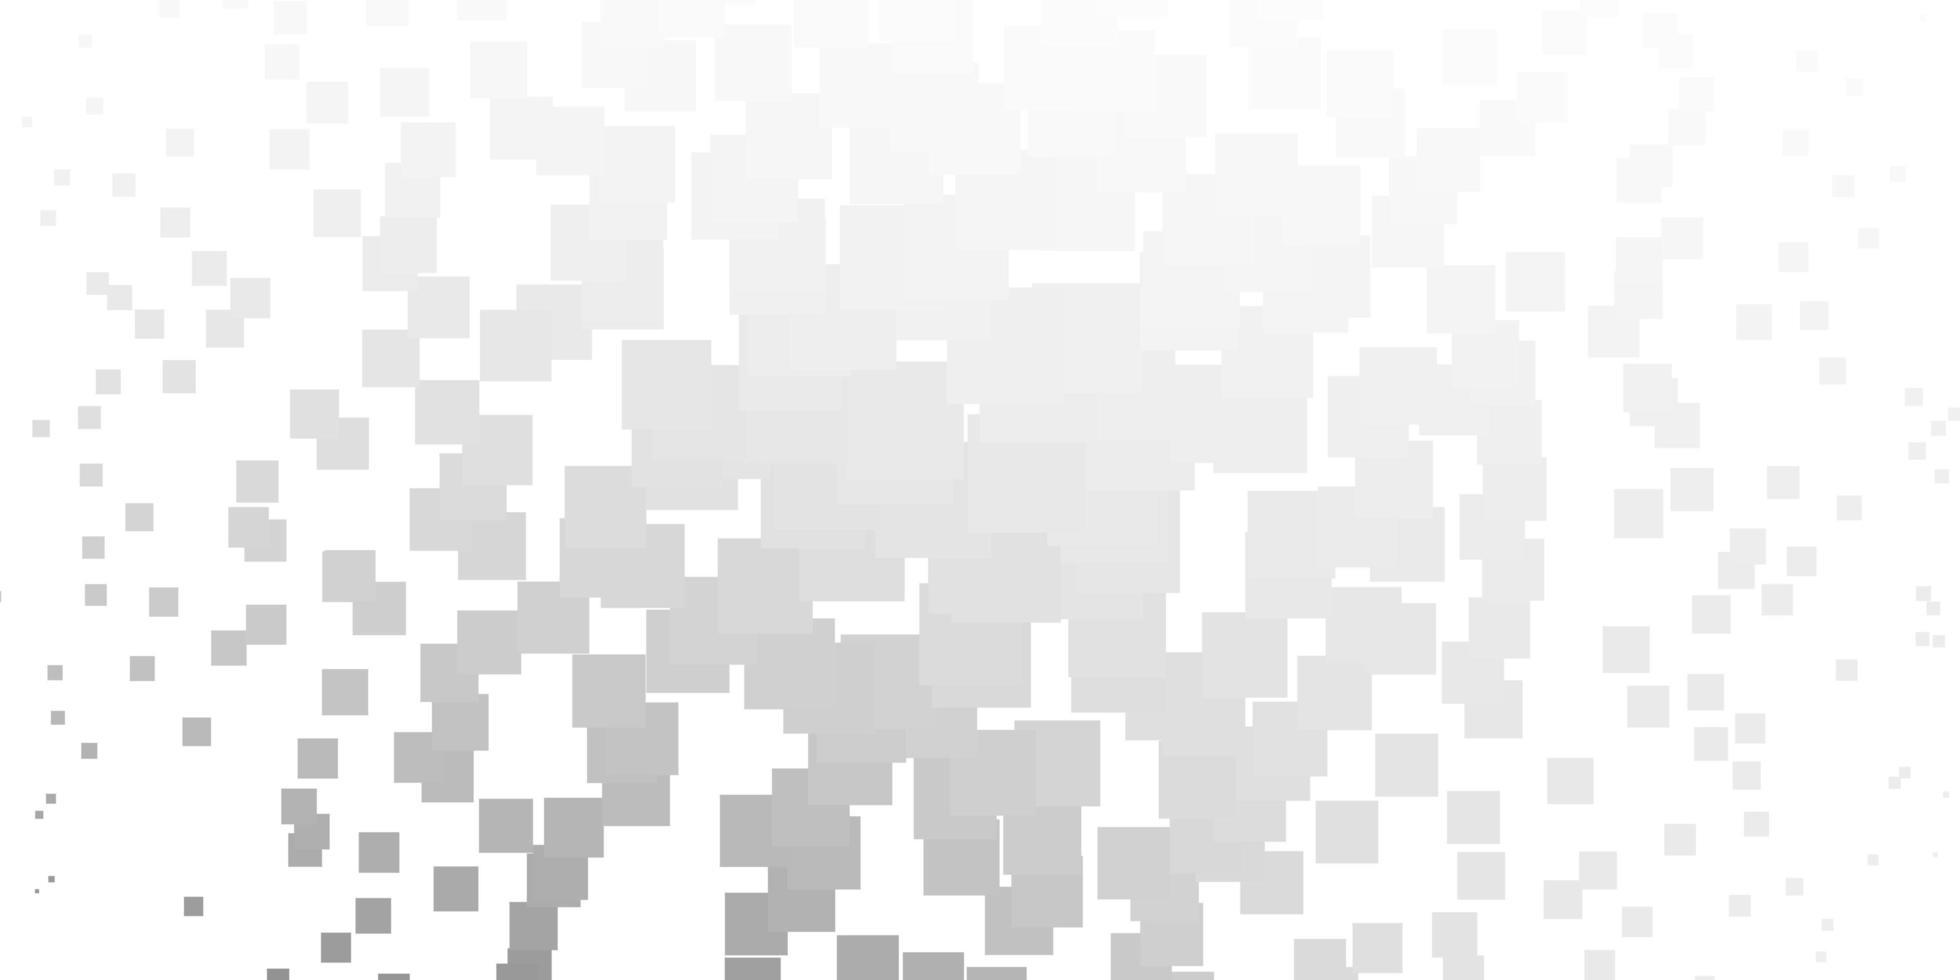 lichtgrijze lay-out met lijnen, rechthoeken. vector